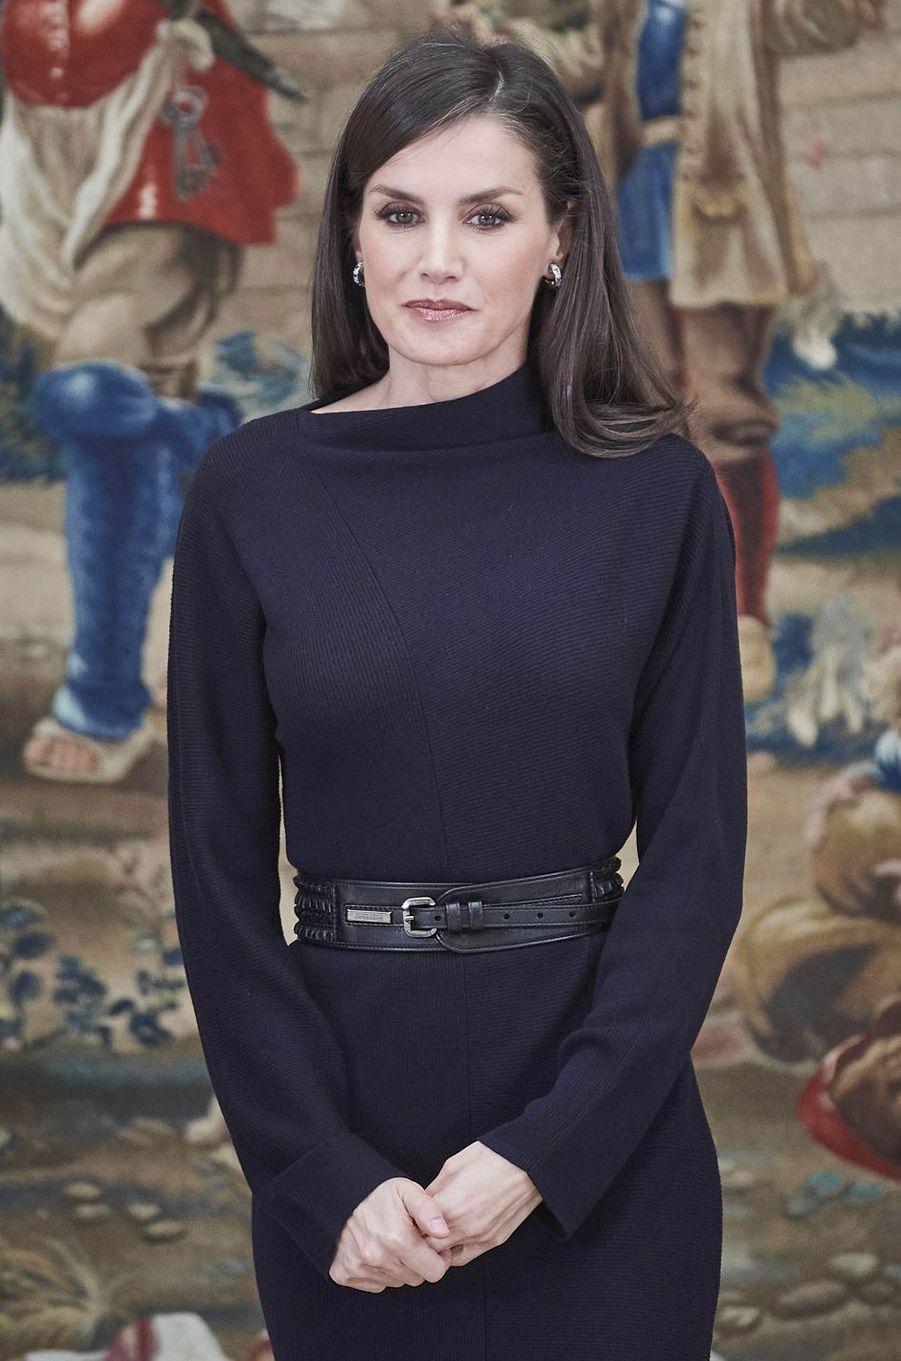 La reine Letizia d'Espagne à Madrid, le 17 février 2020